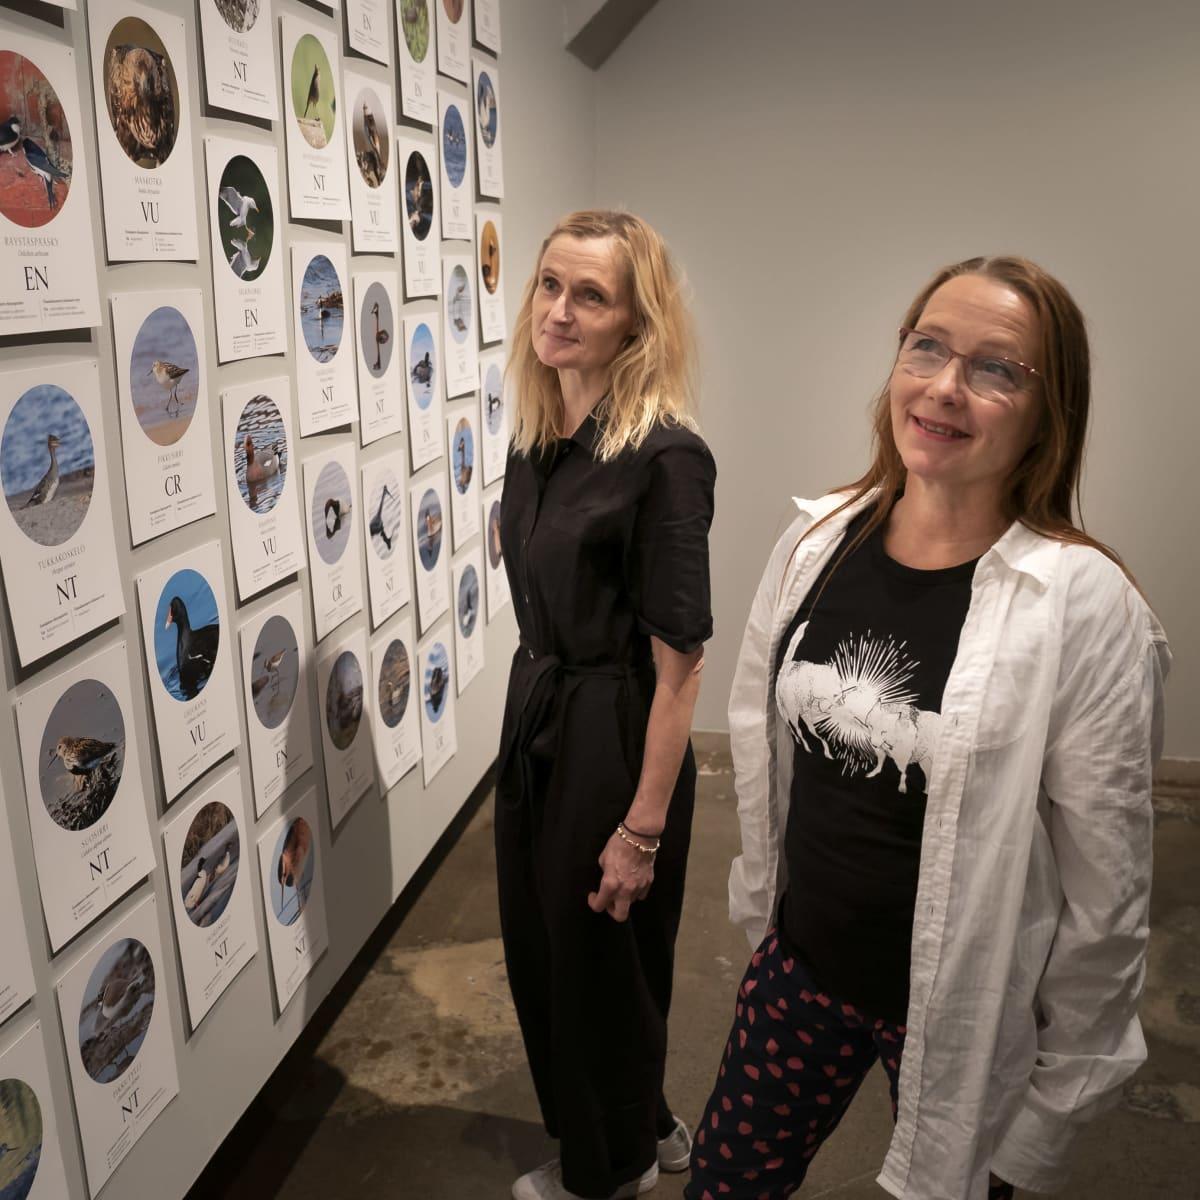 2 naista katselee valokuvia näyttelyssä.